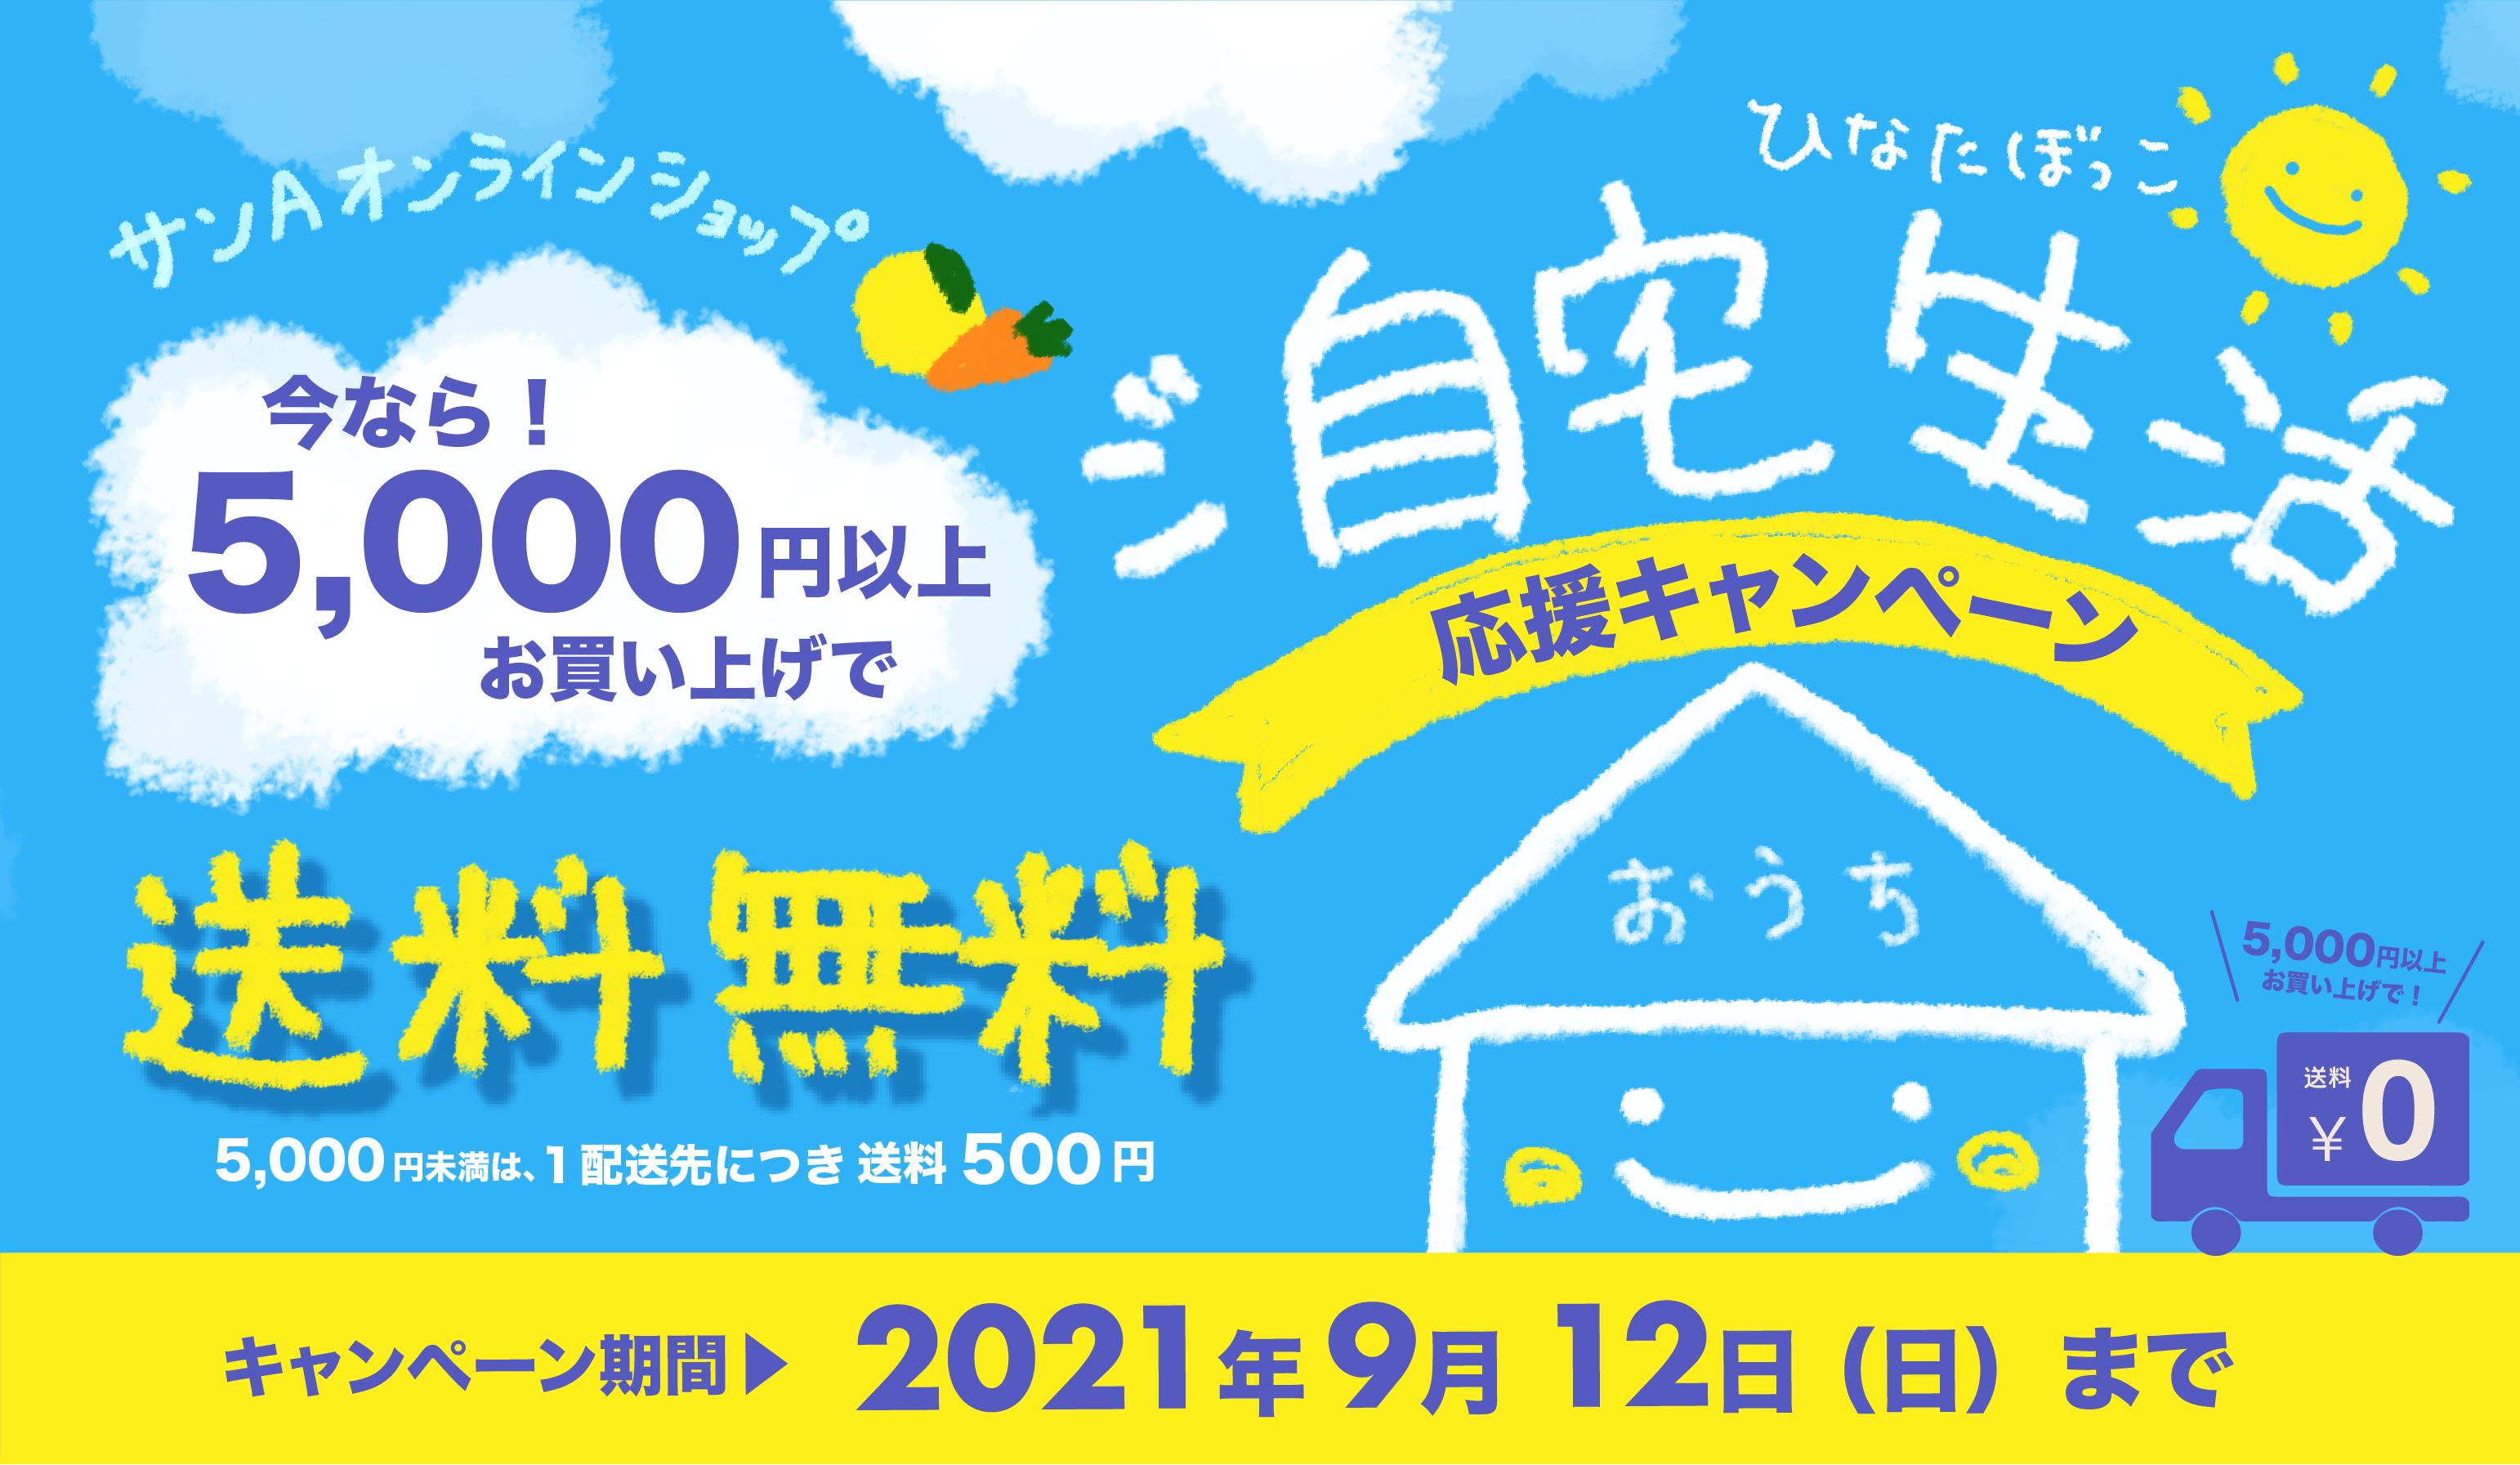 ご自宅生活応援キャンペーン 5000円以上送料無料